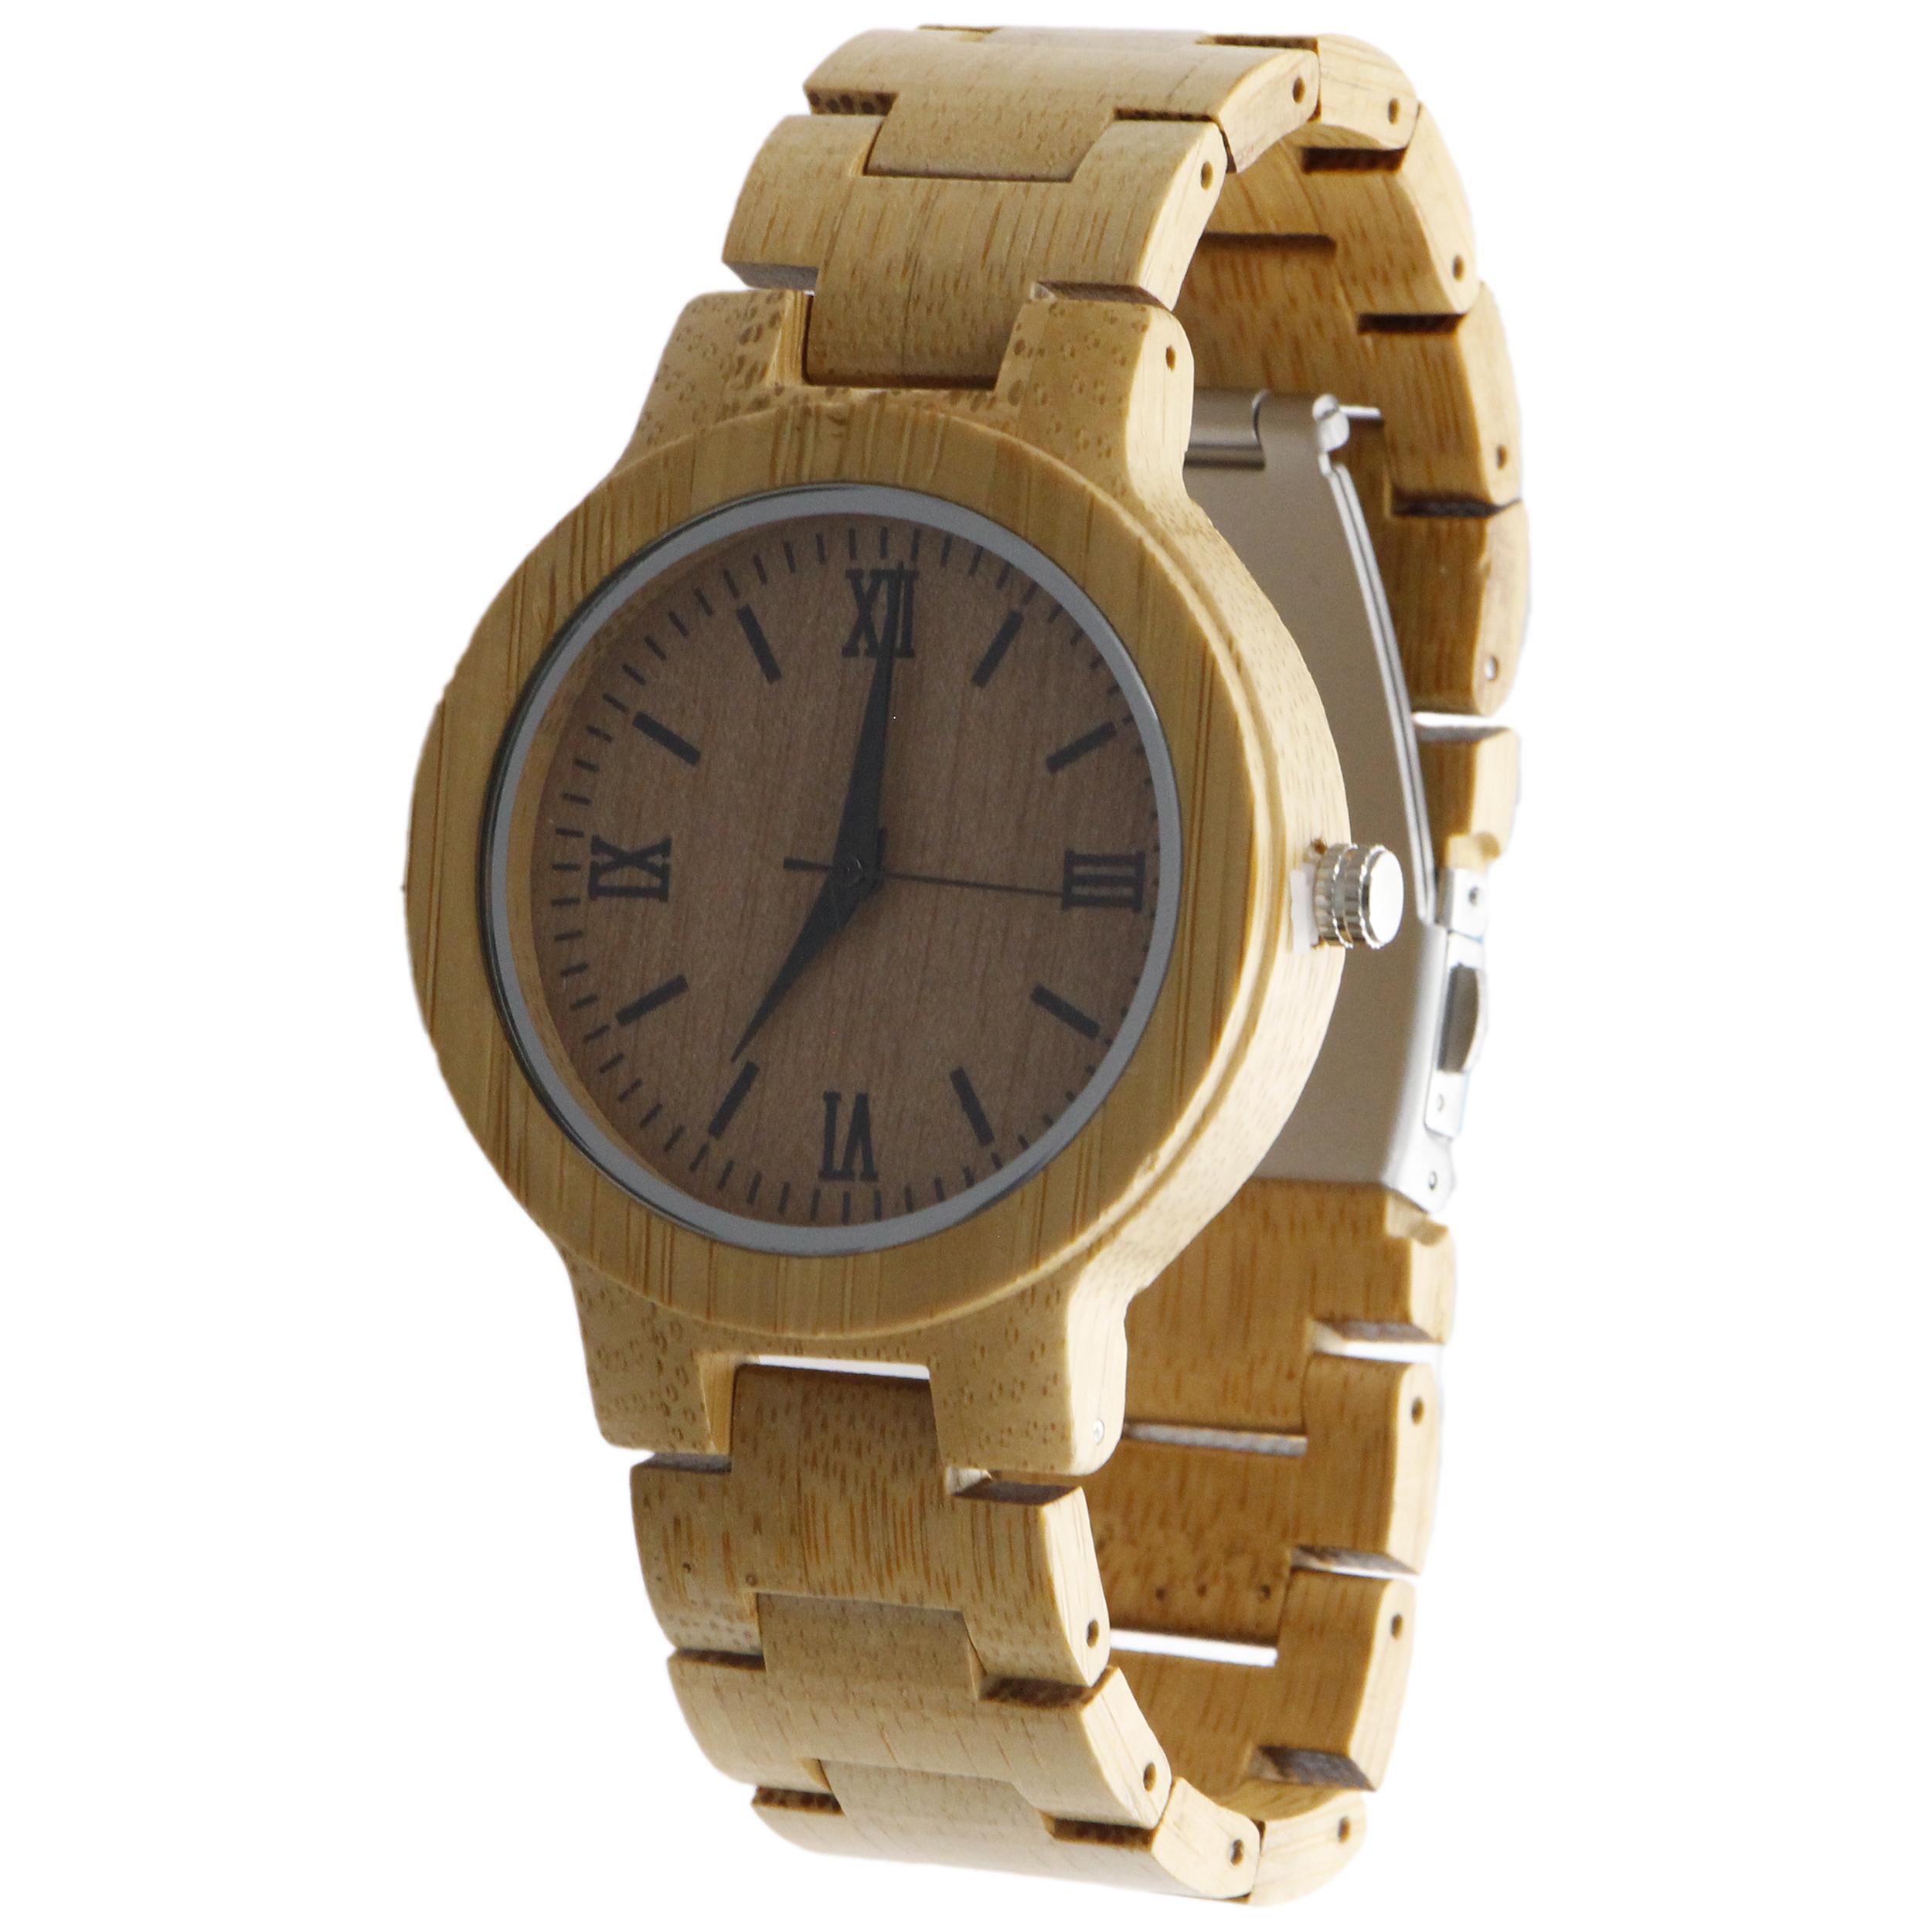 ساعت مچی چوبی عقربه ای - کد BMK27